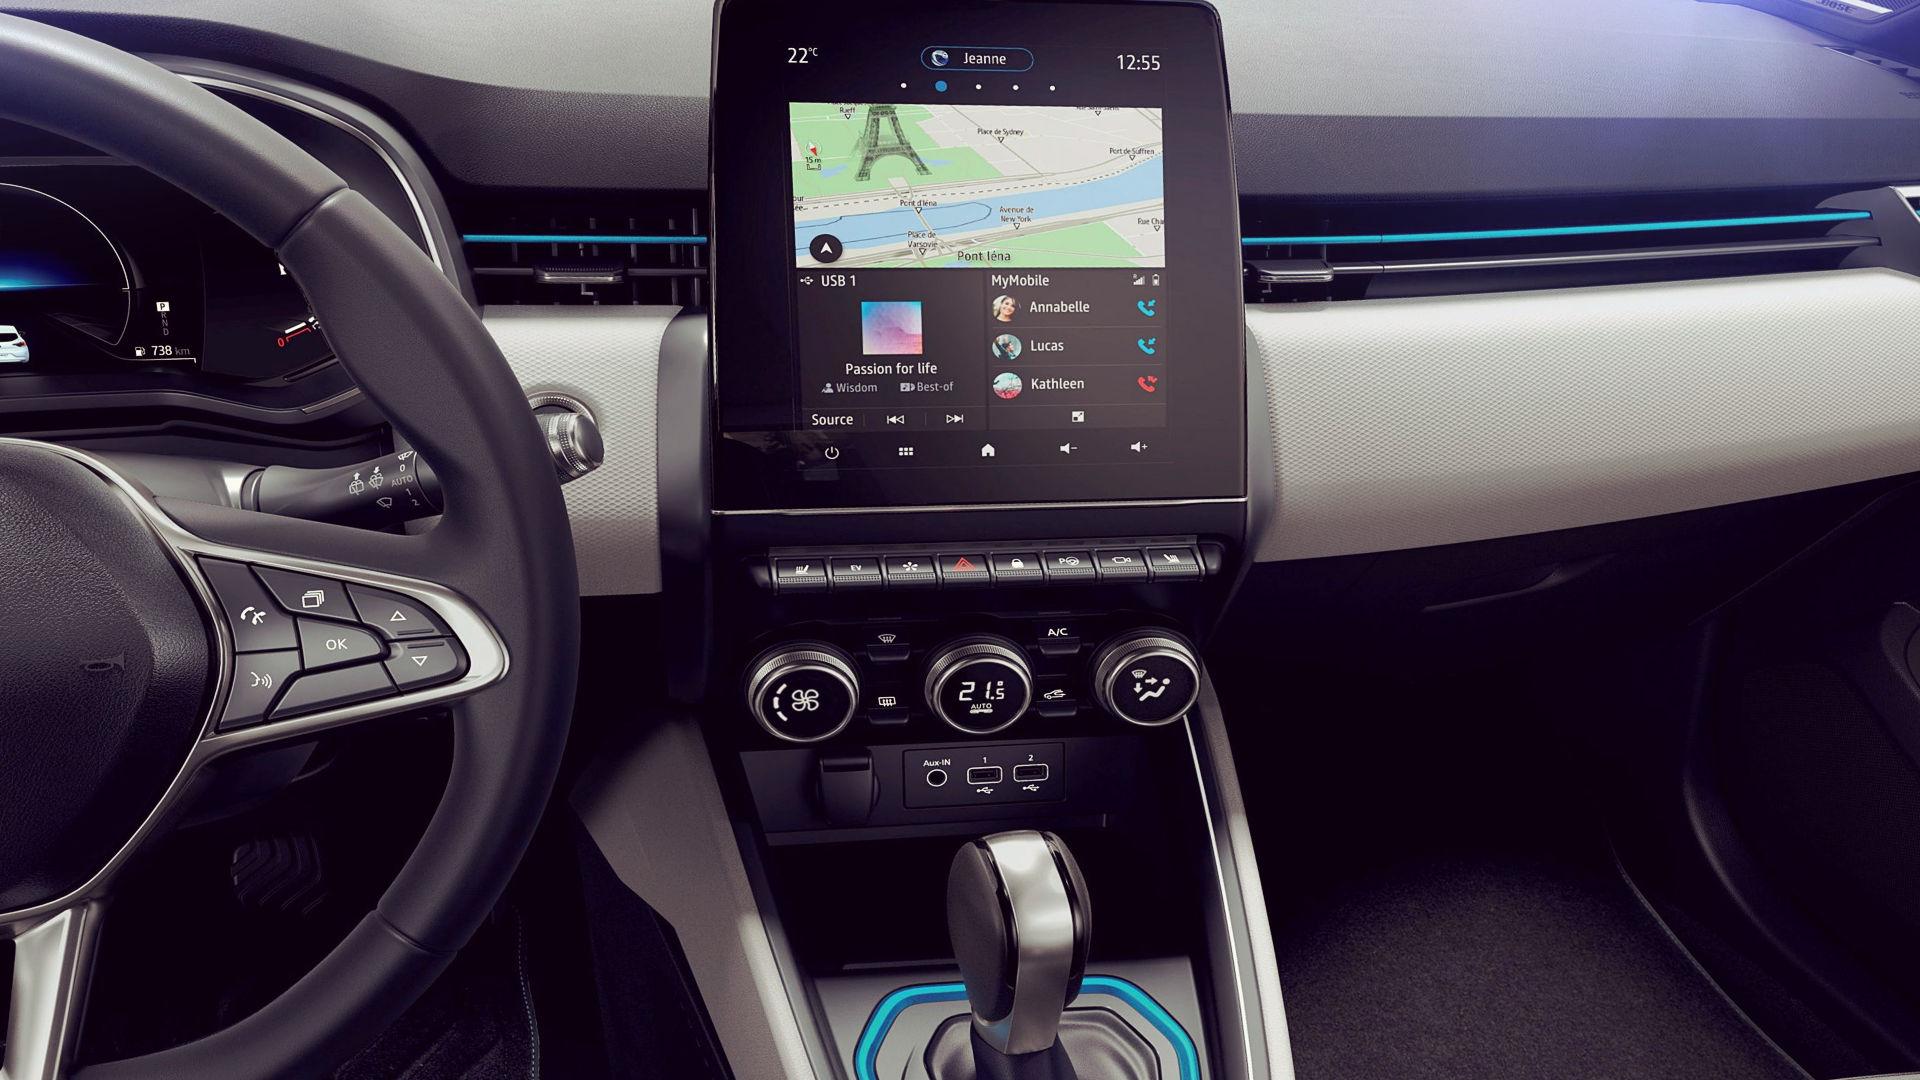 Renault Clio E Tech Hybrid 2020 Interior